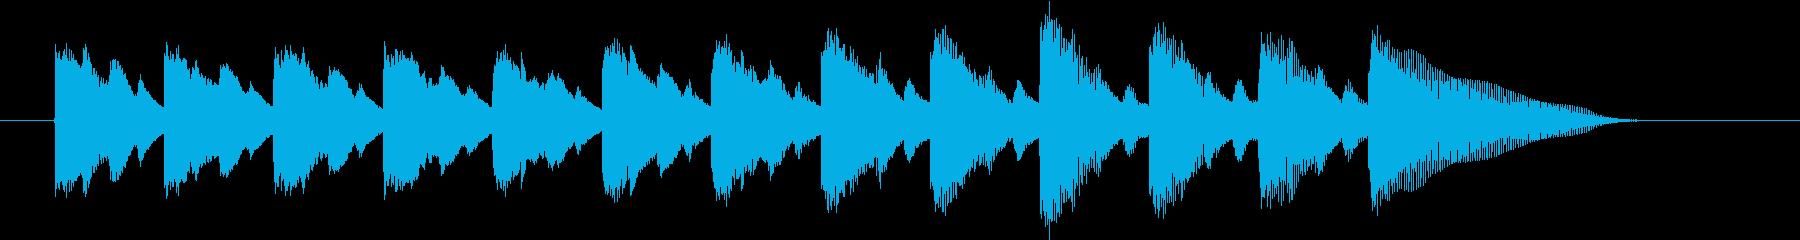 落下するイメージのジングルの再生済みの波形